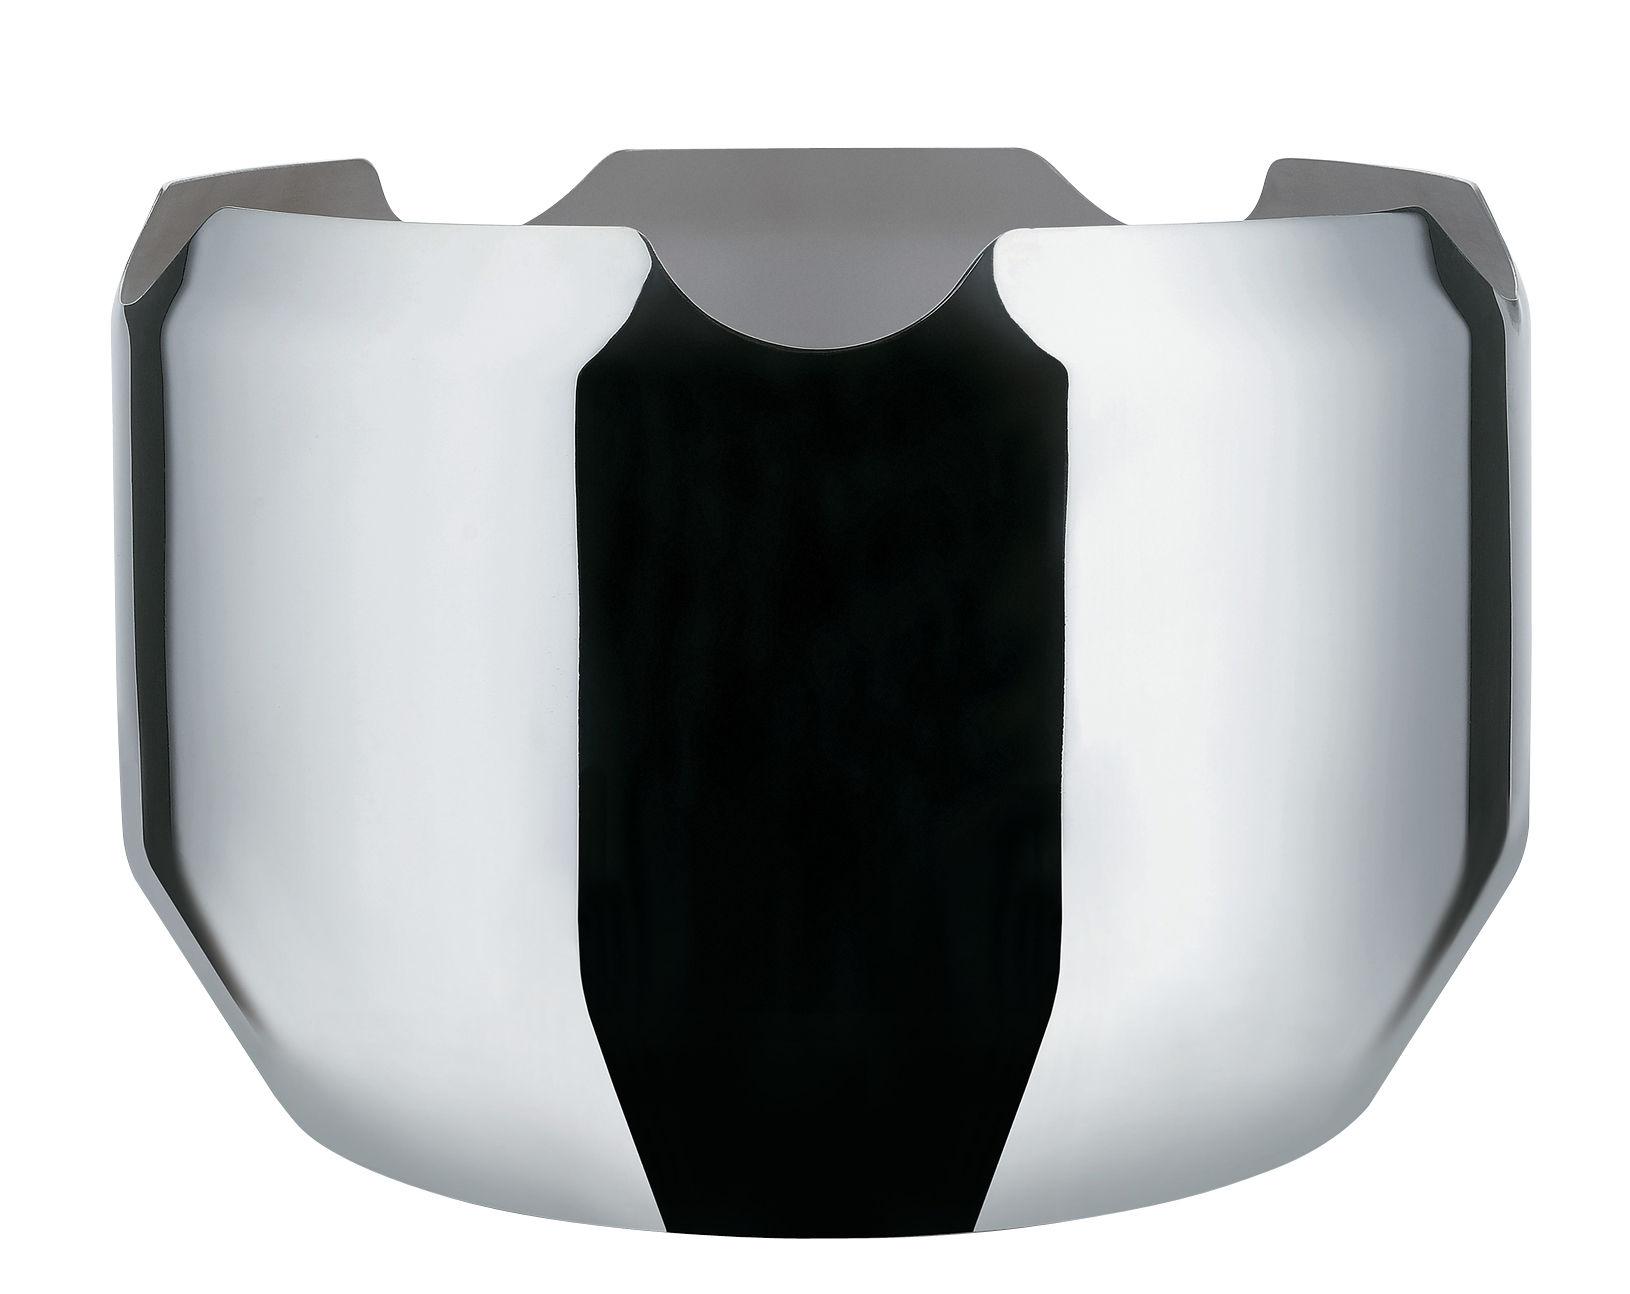 Arts de la table - Bar, vin, apéritif - Seau à champagne Noé / 5 bouteilles - Alessi - Acier poli miroir - Acier inoxydable 18/10